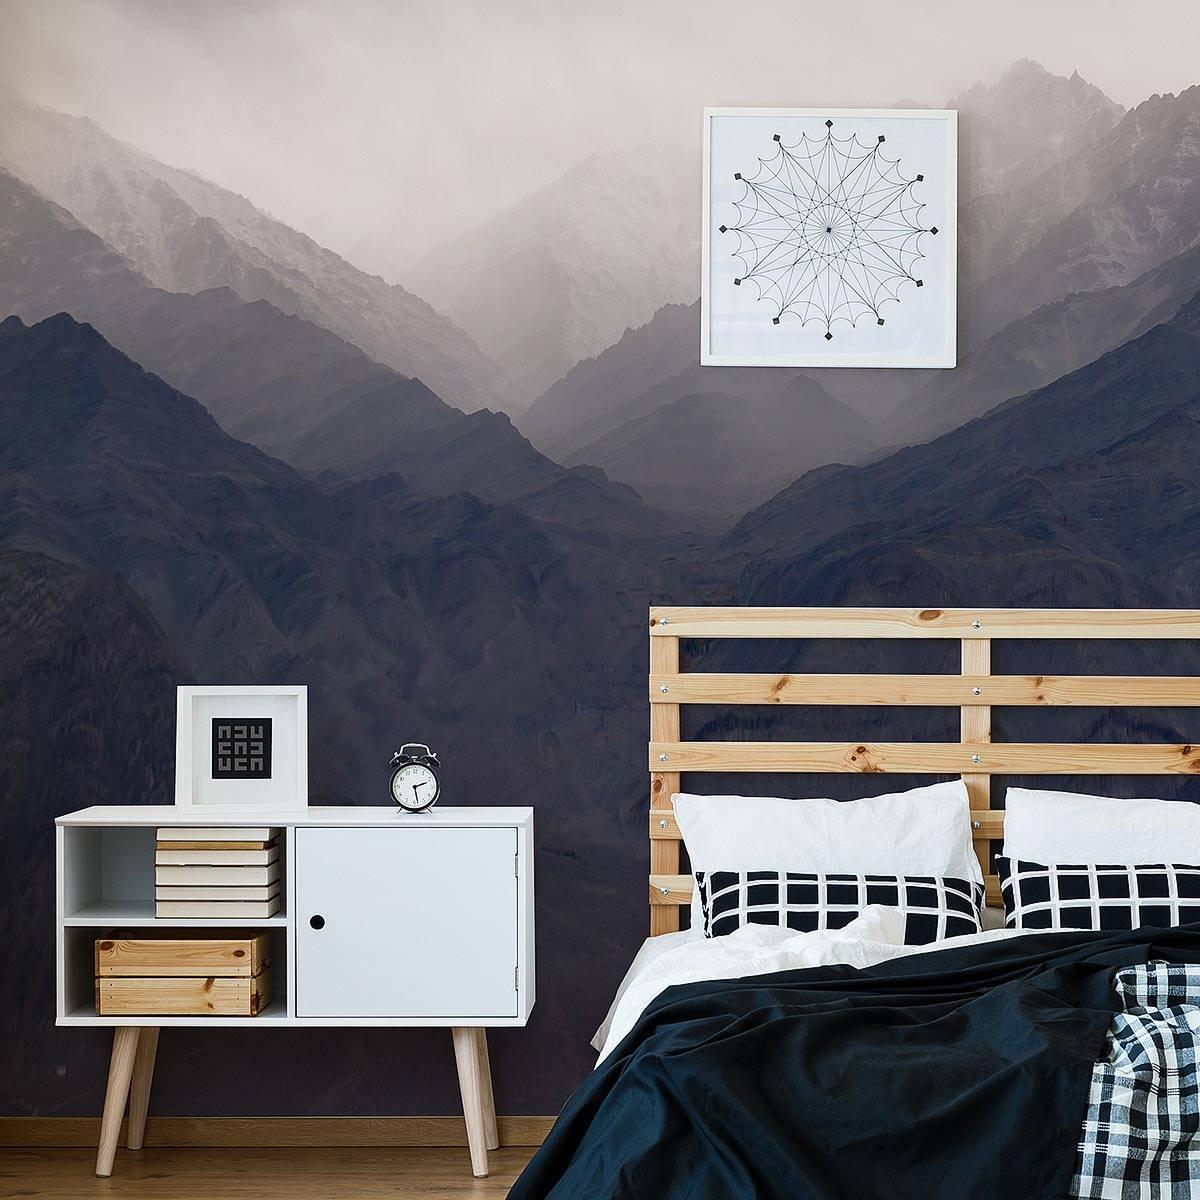 Painel Fotográfico Montanhas com Neblina / m² imagem 1